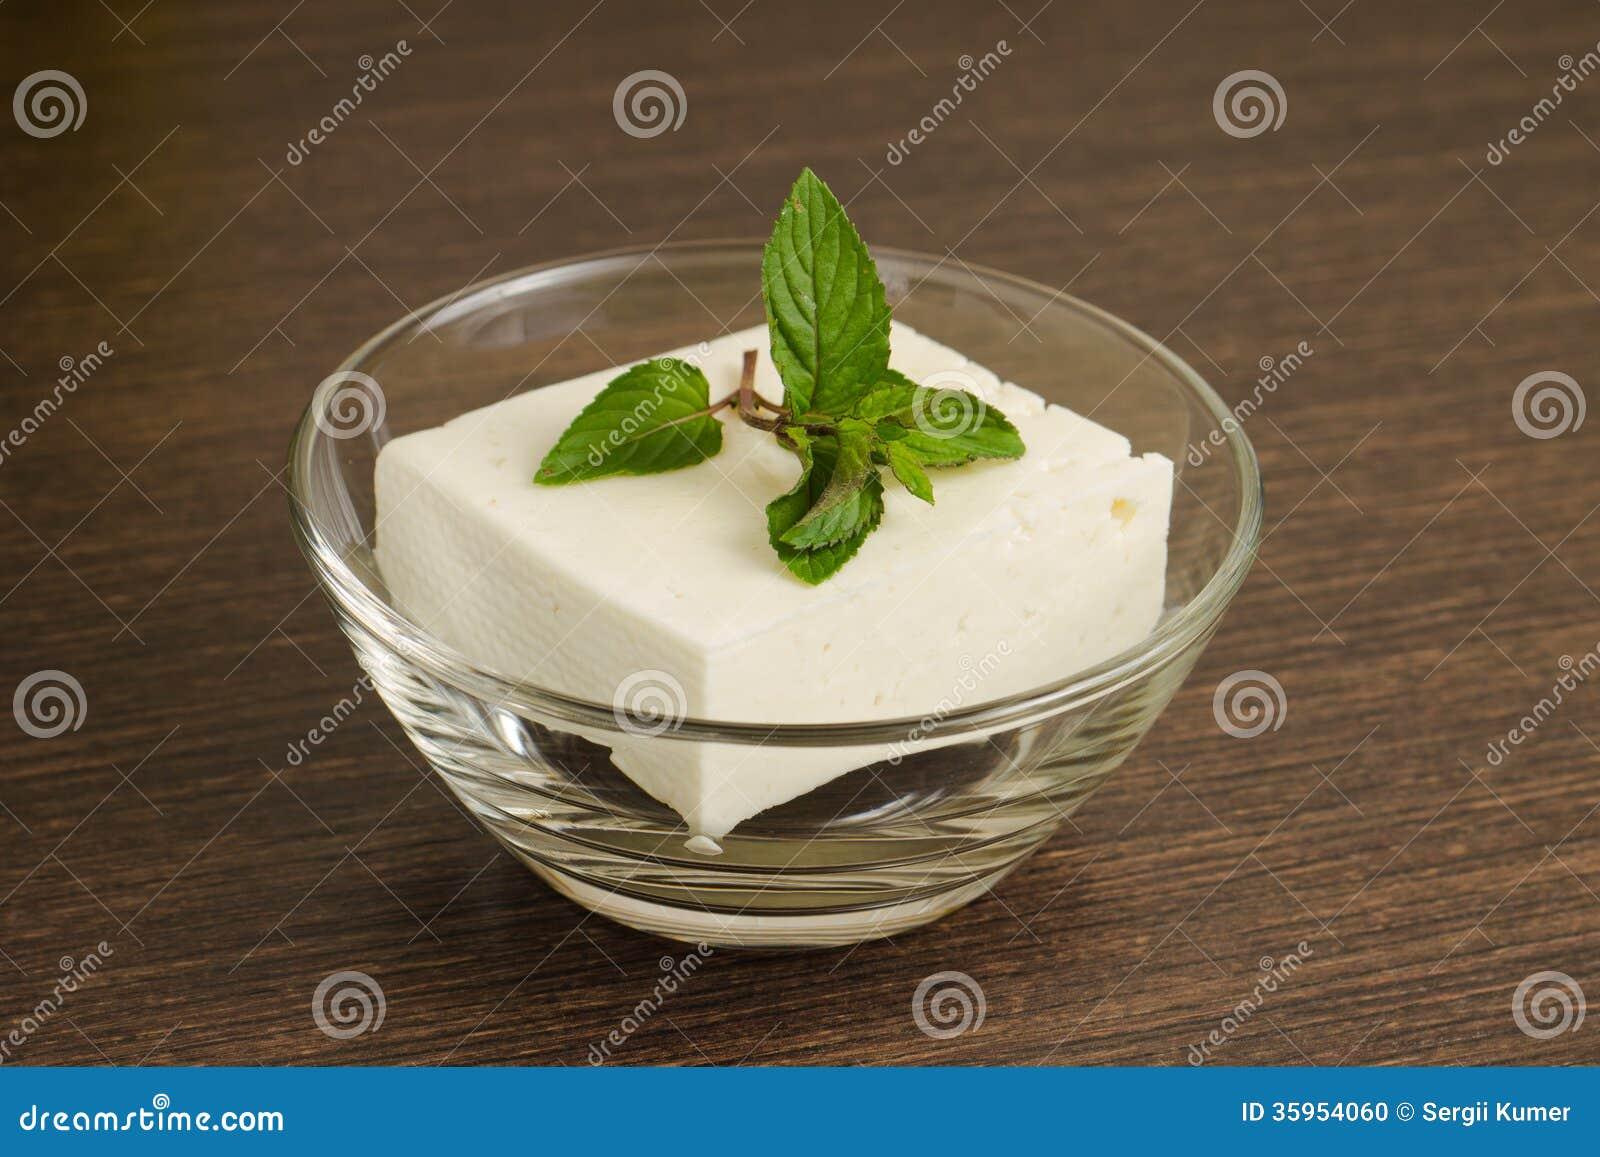 Un pedazo de queso blanco en bol de vidrio